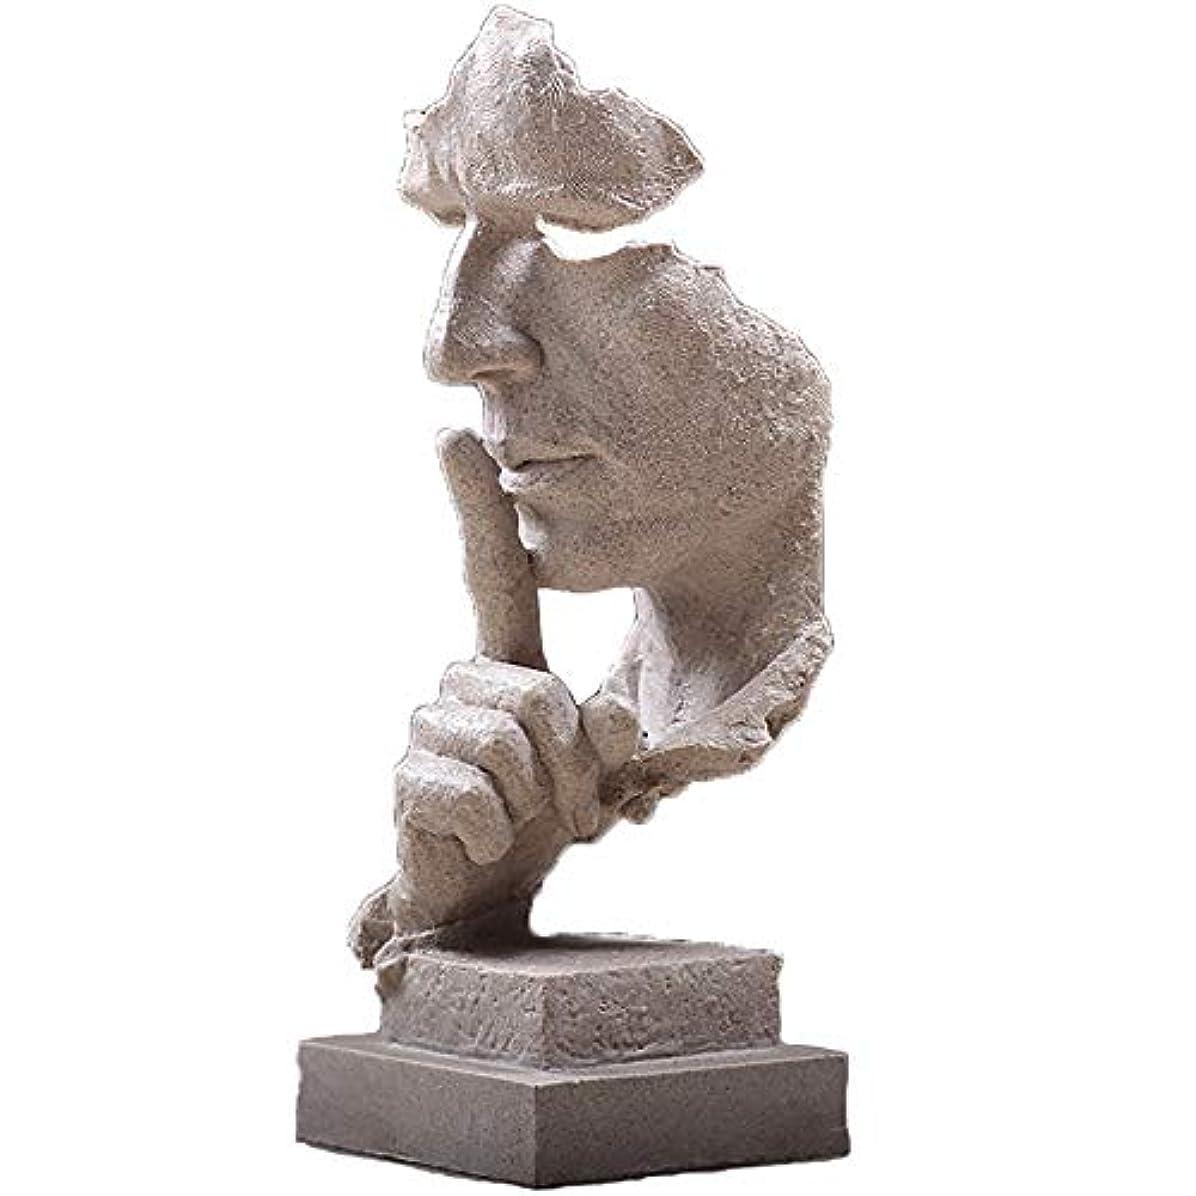 魅了する処方貝殻樹脂抽象彫刻沈黙はゴールデン男性像キャラクター工芸品装飾用オフィスリビングルームアートワーク,White